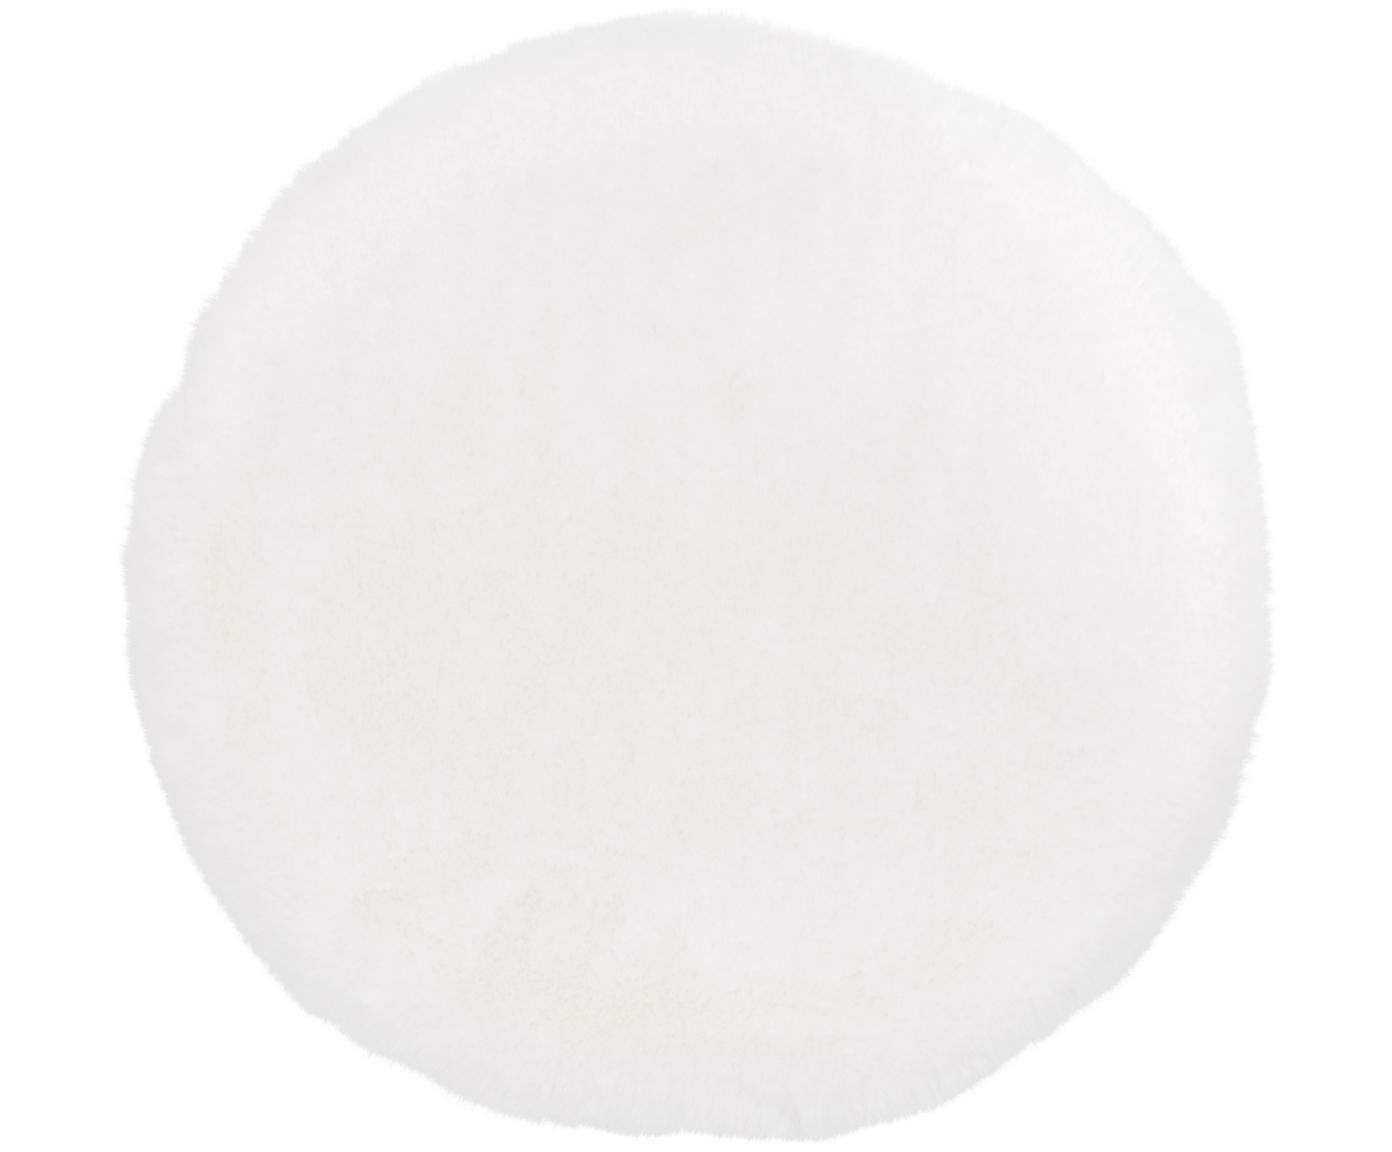 Cuscino sedia in pelliccia sintetica Matte, liscio, Retro: 100% poliestere, Crema, Ø 37 cm